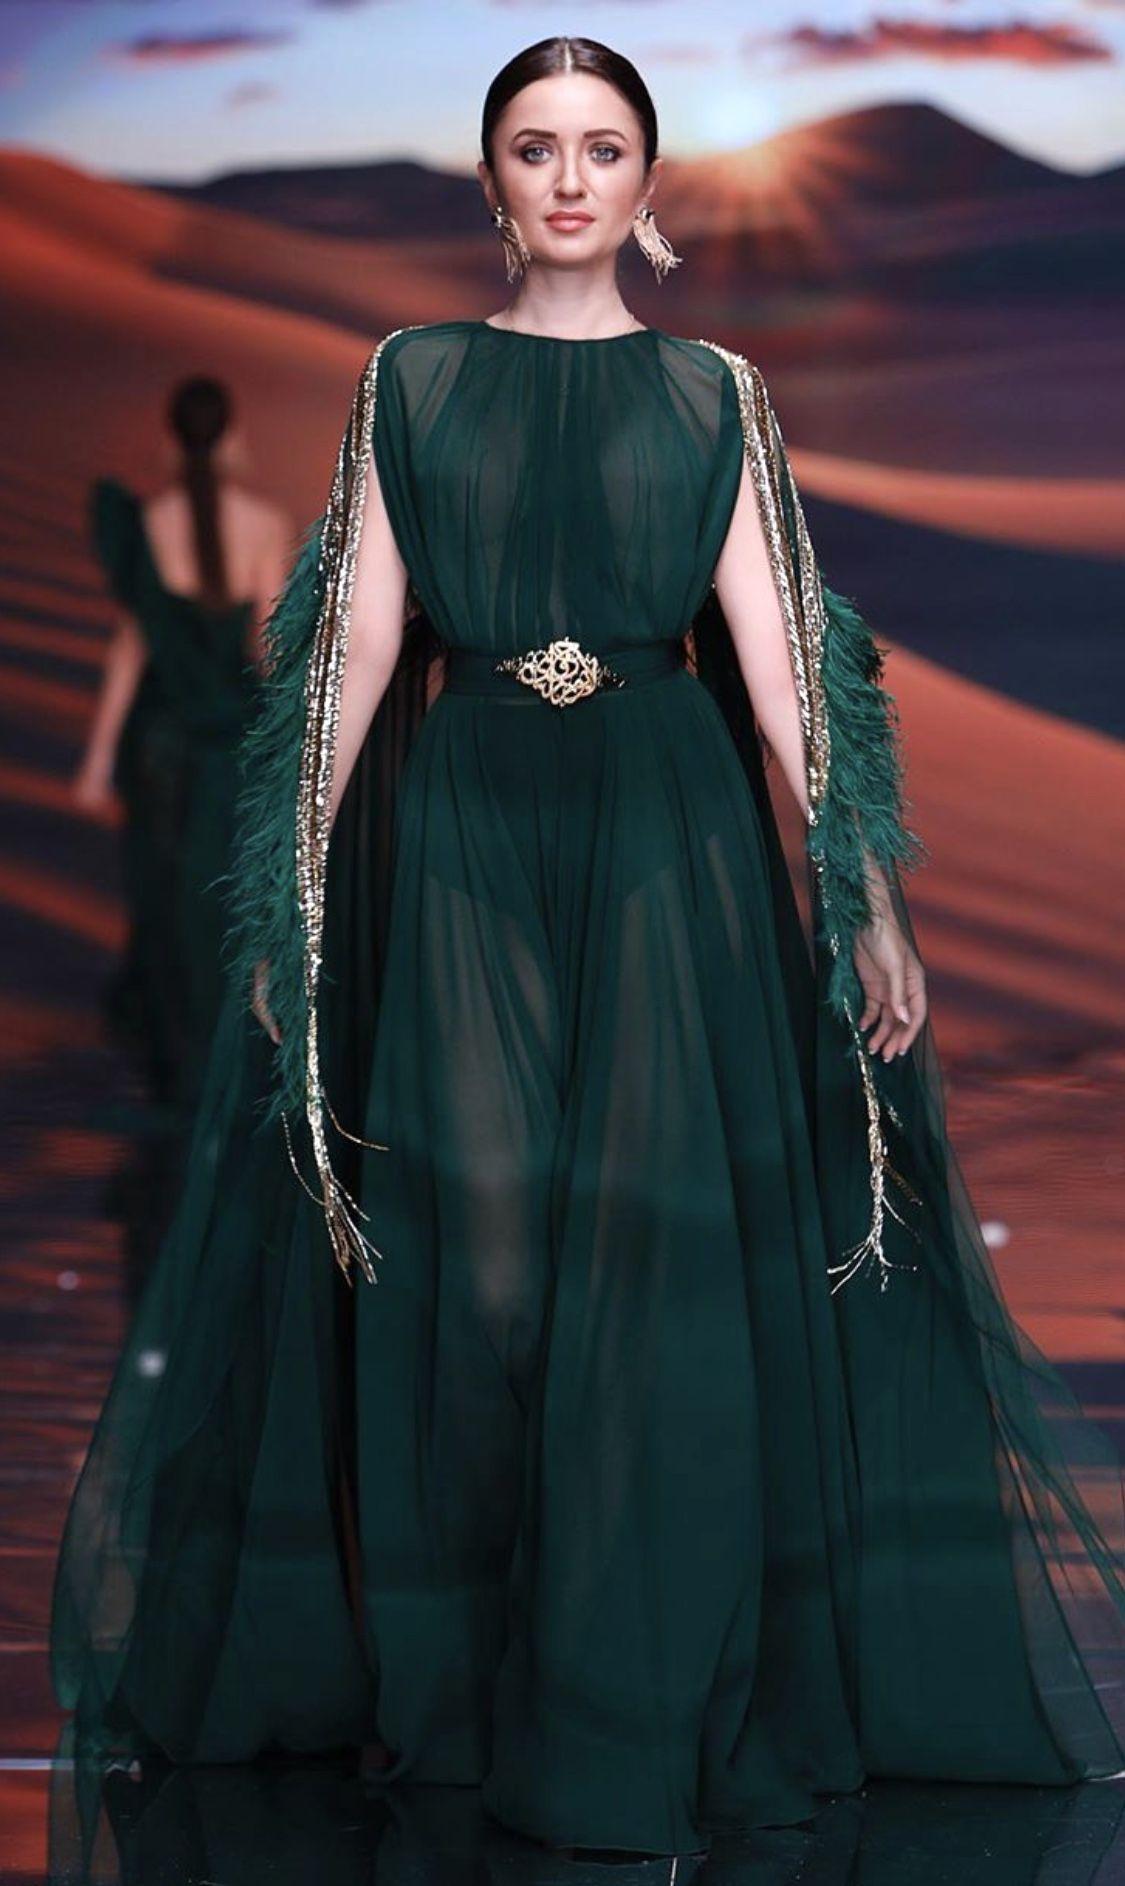 Epingle Par Smaali Siham Sur Dresses Robes En 2020 Haute Couture